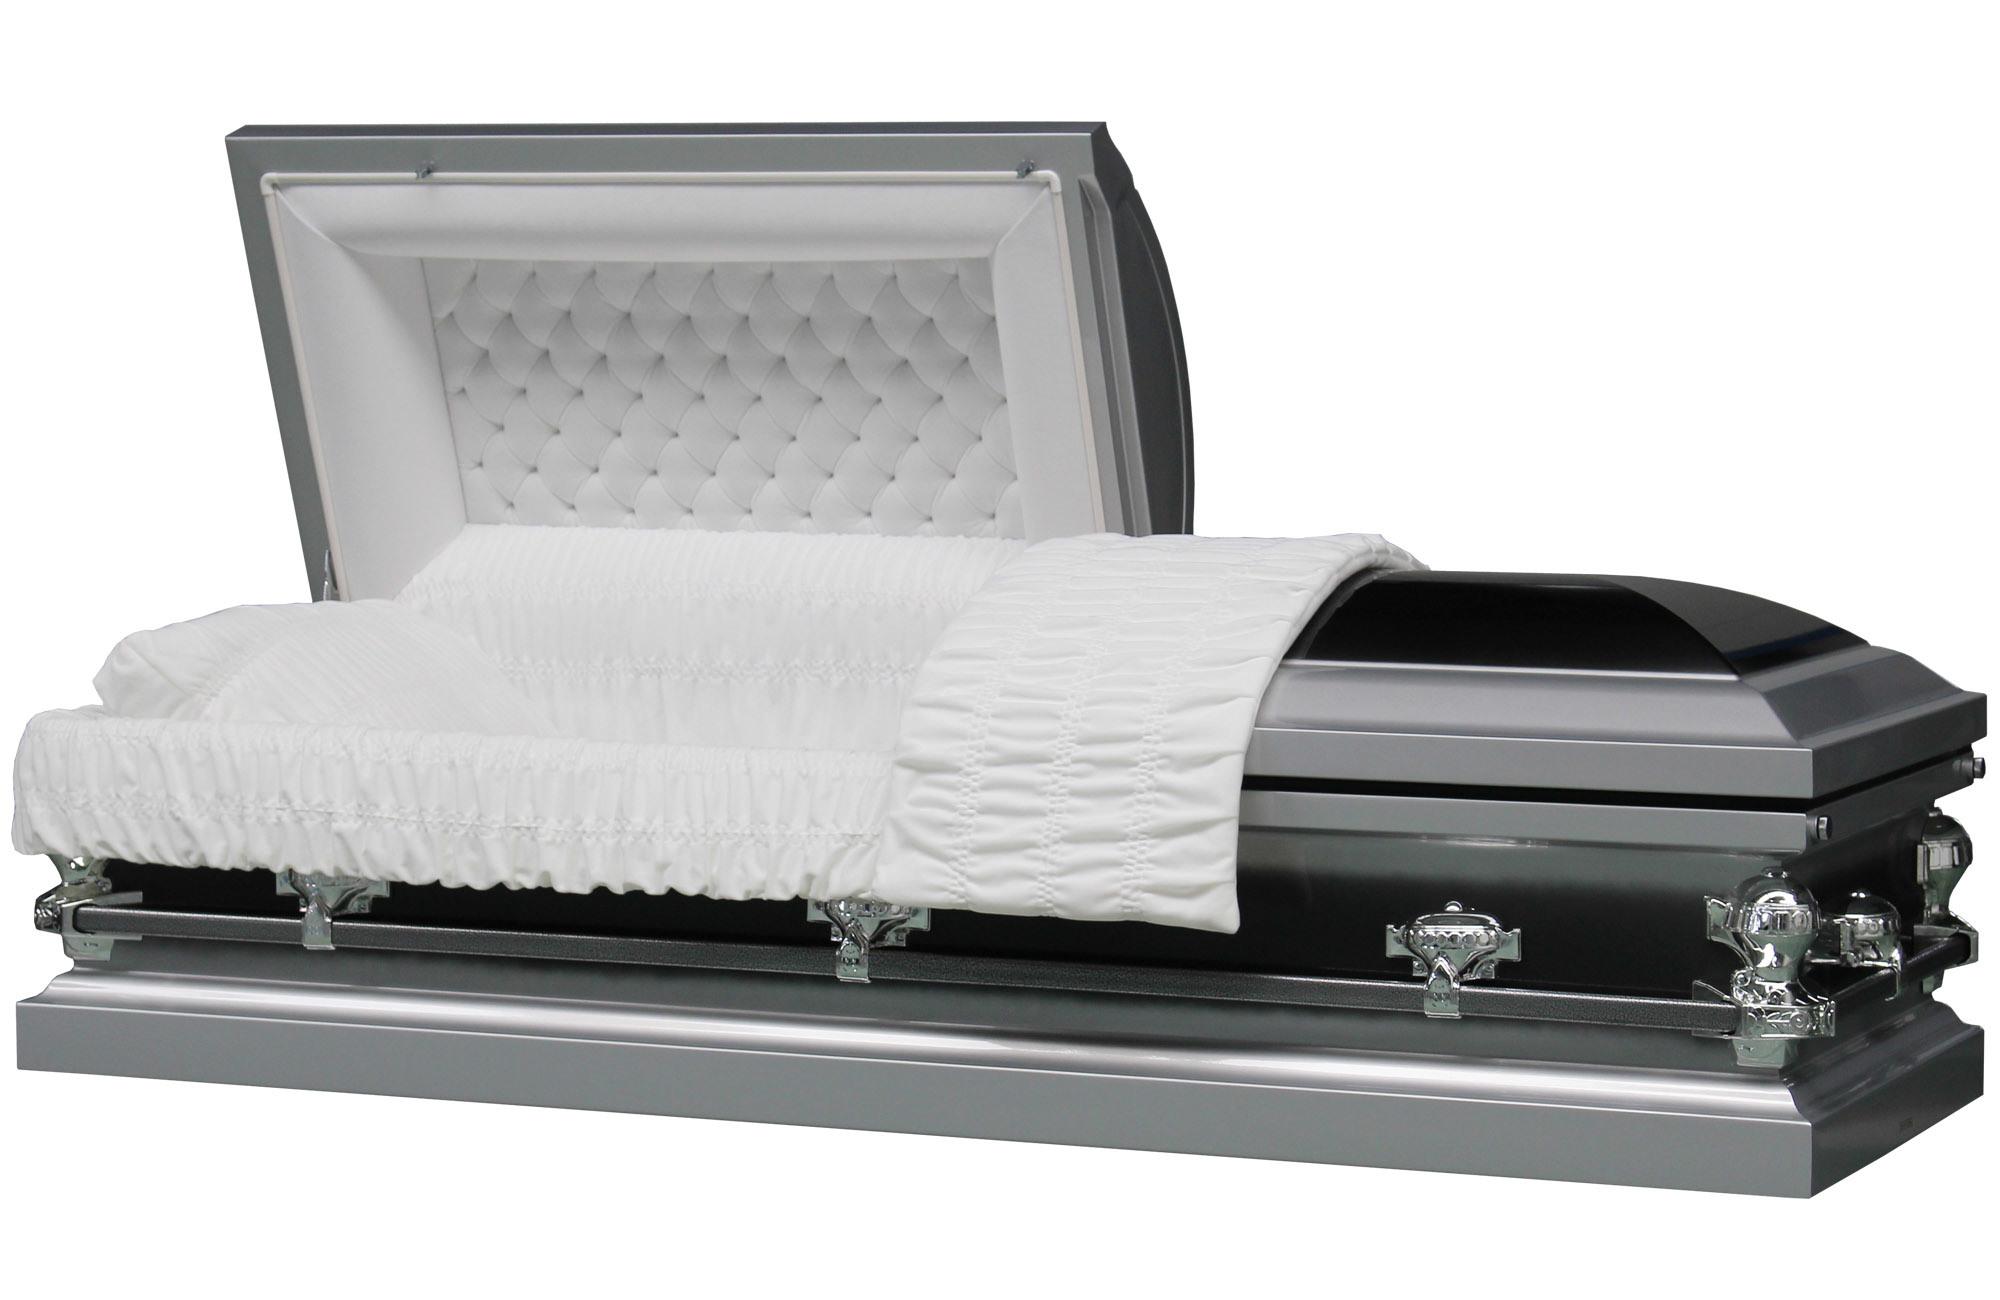 Butler Silver Brush Metal Casket for Us Market Funeral Coffin